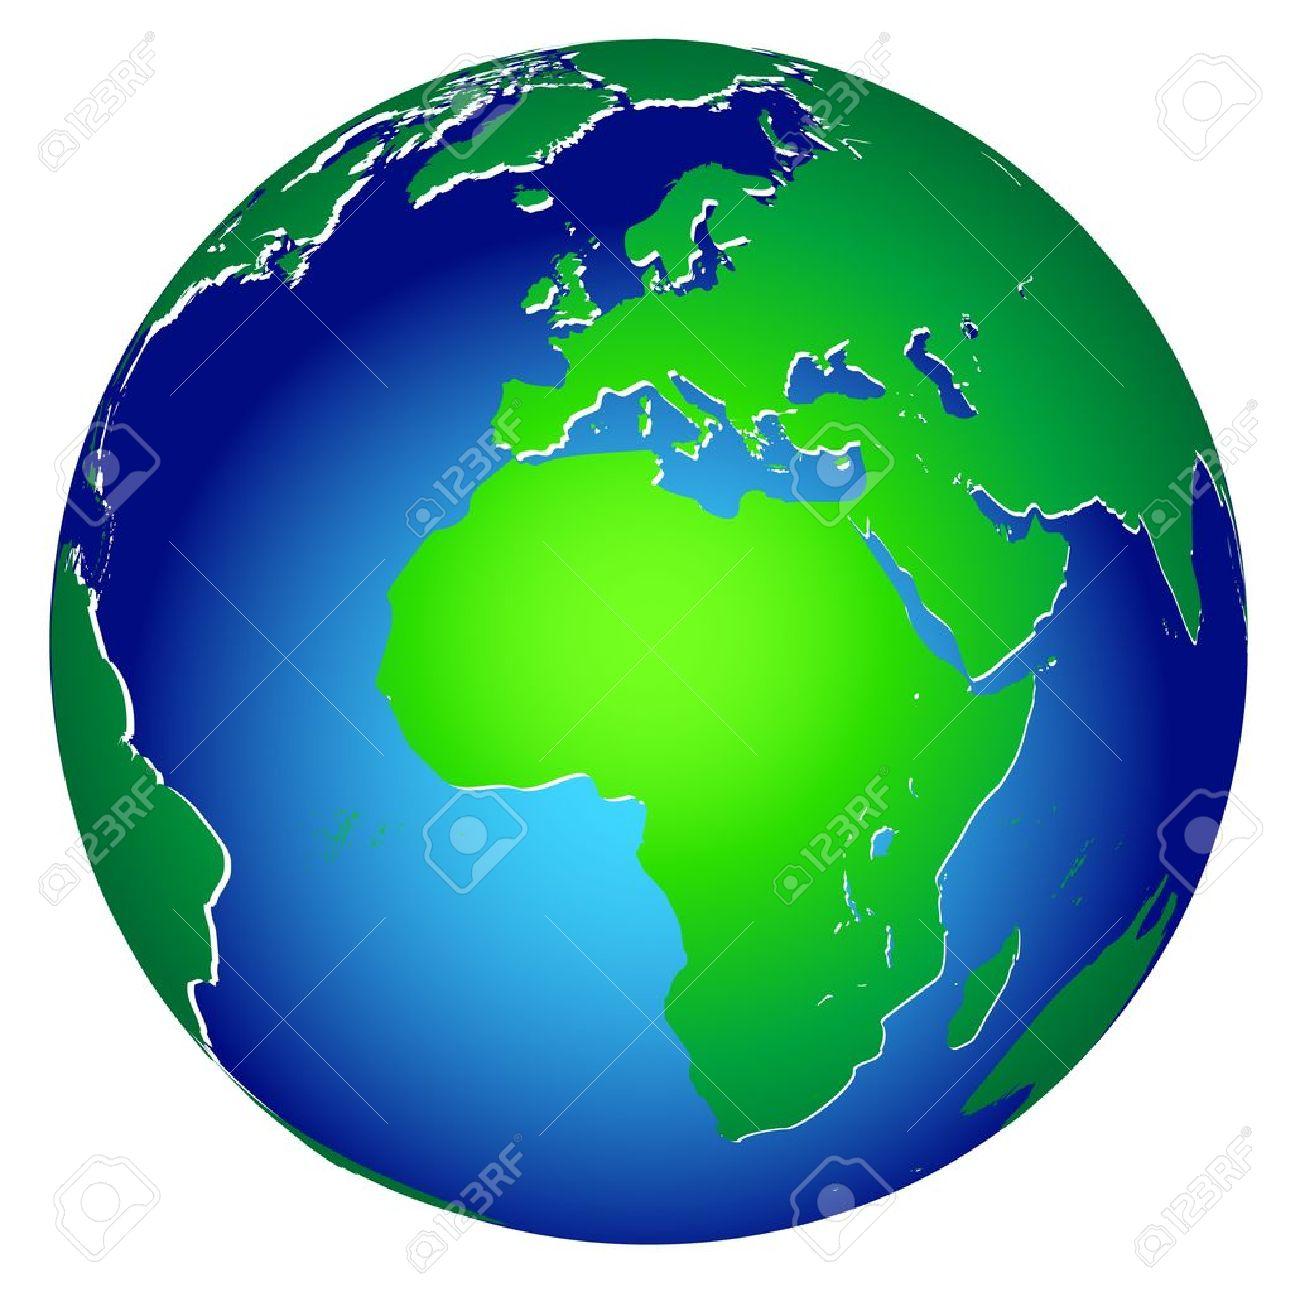 ic ne de monde global plan te terre clip art libres de droits rh fr 123rf com